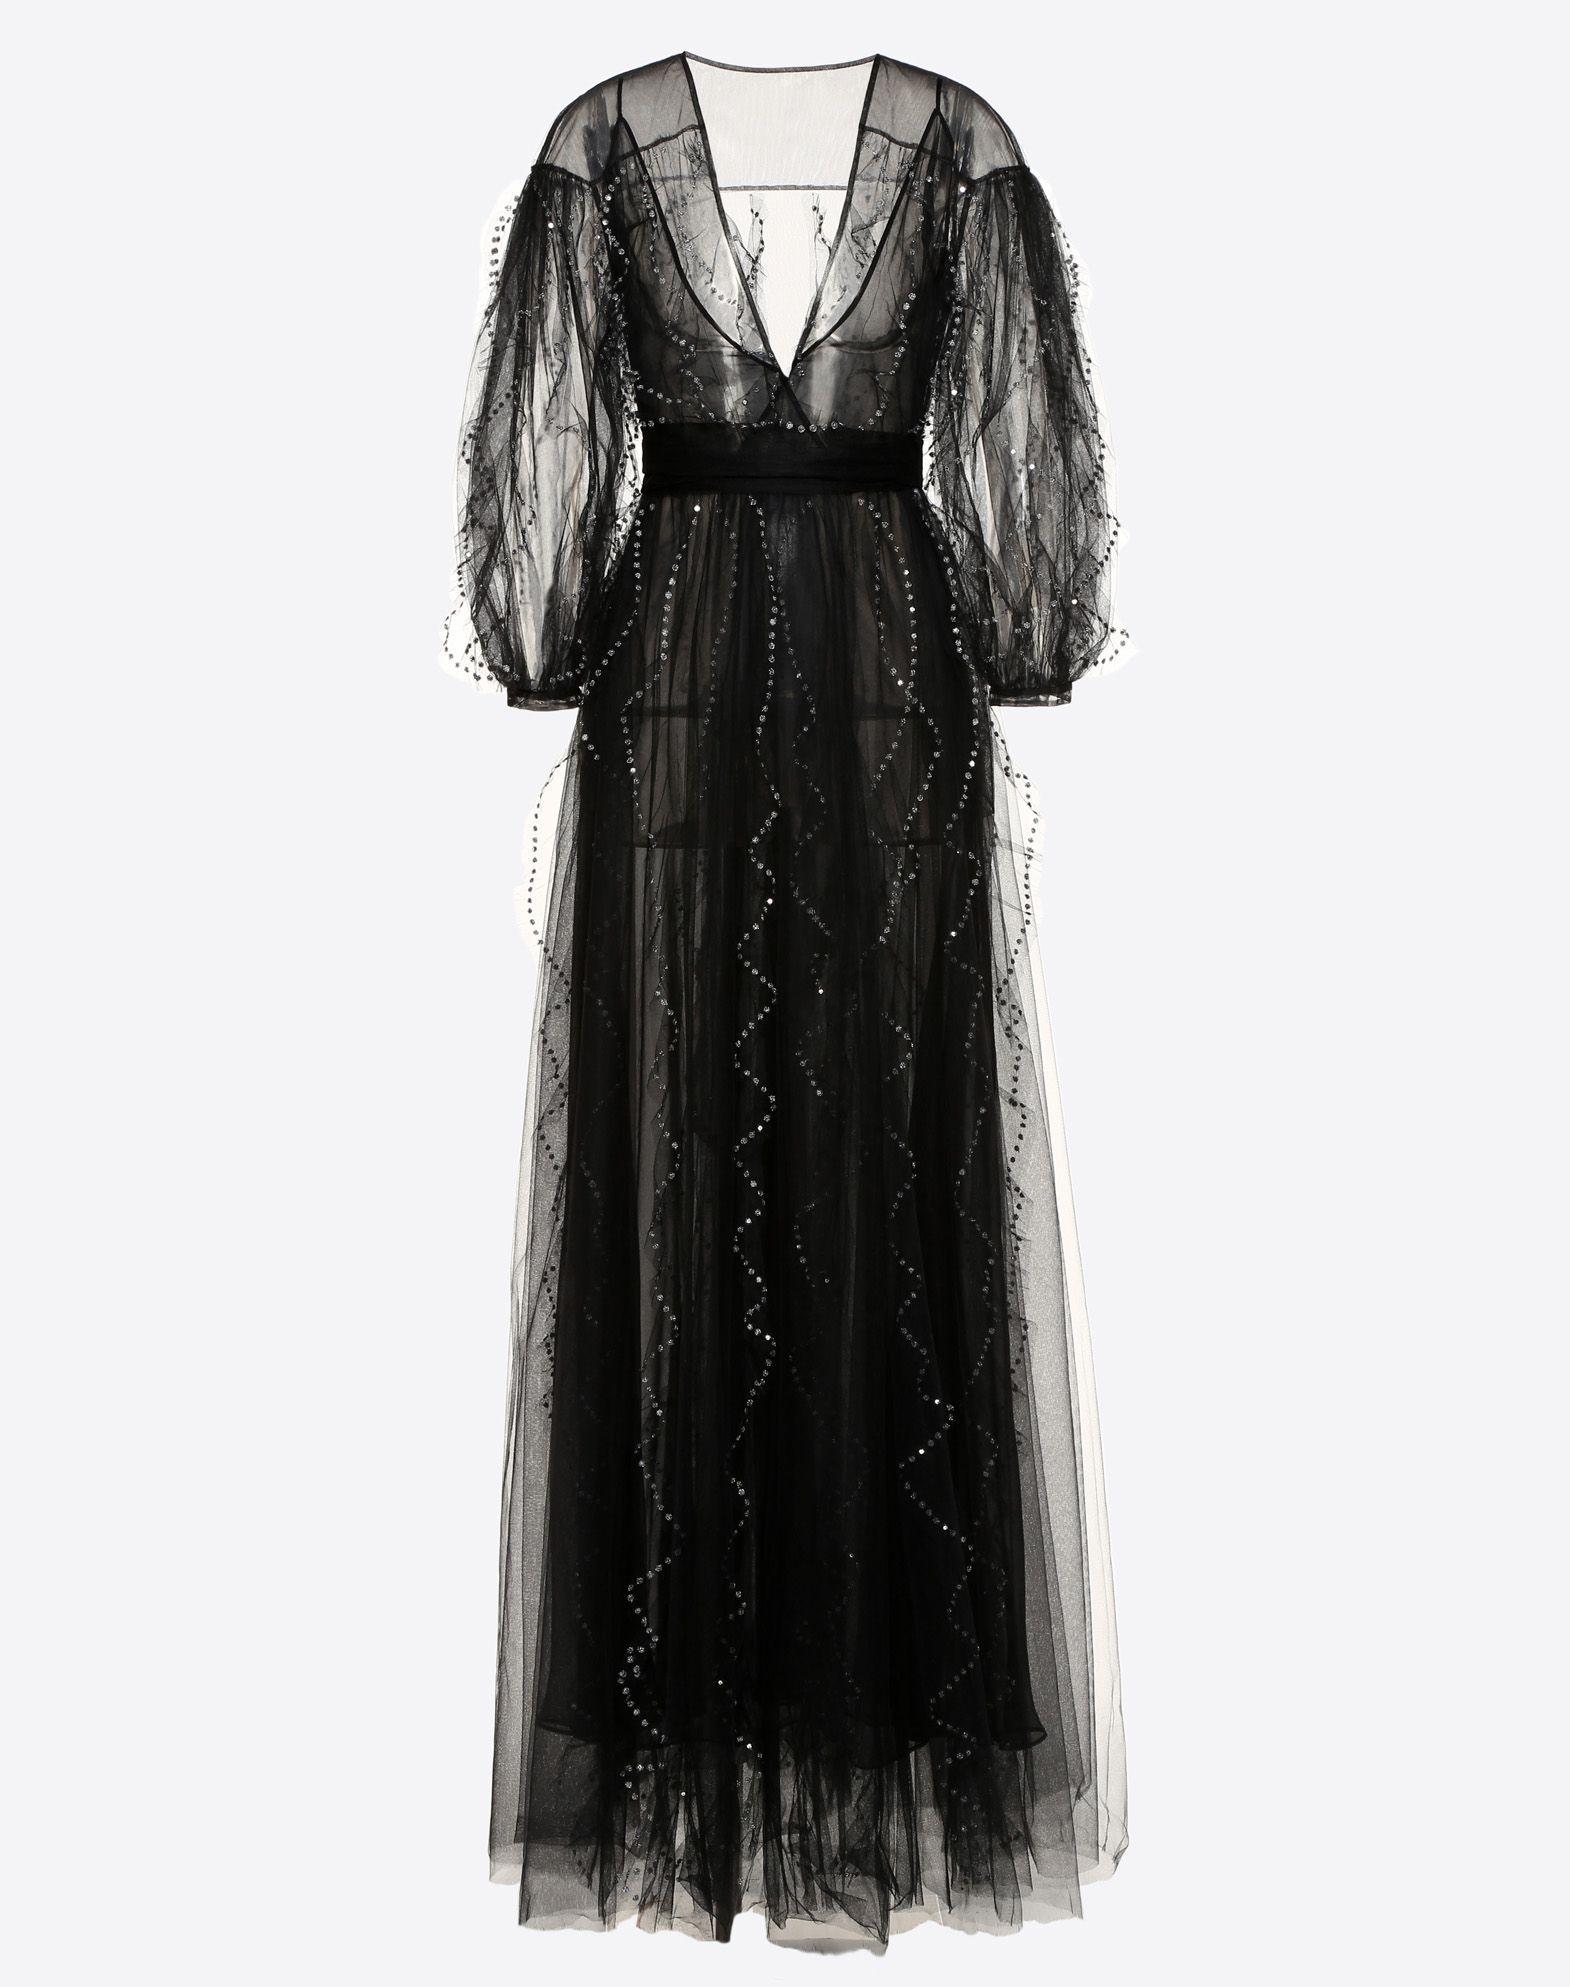 Das bestickte Kleid aus Seide und Tüll stammt vom italienischen Luxuslabel Valentino und kostet umgerechnet rund 12.300 Euro.